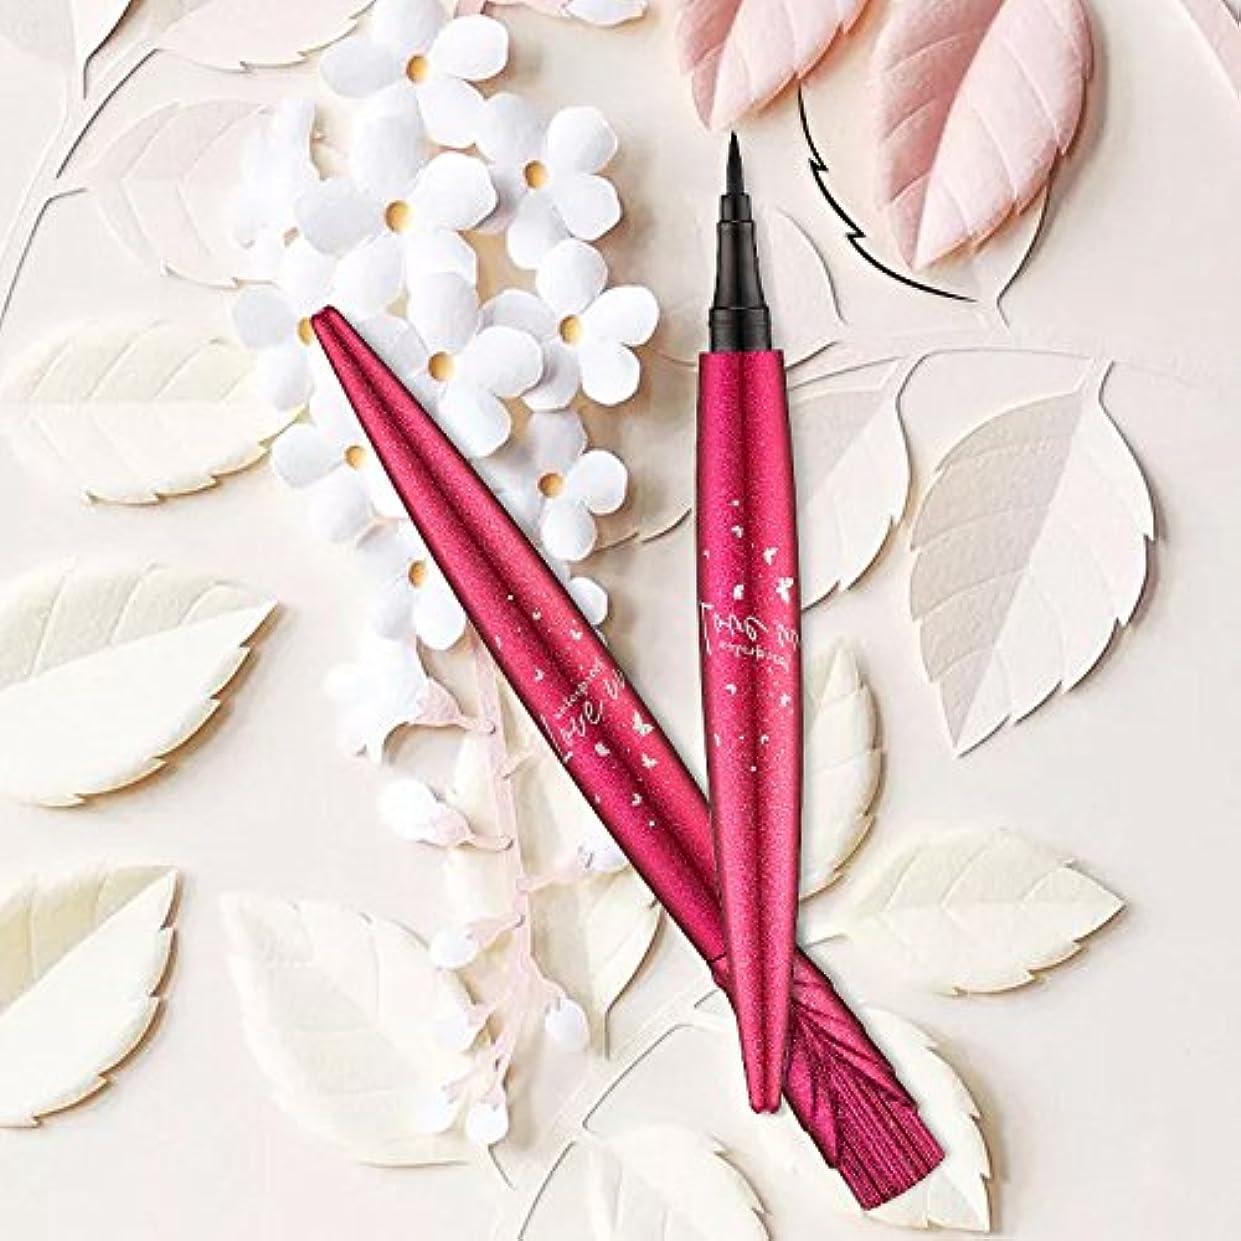 作業意味差し引く美容ブラック防水アイライナーリキッドアイライナーペン鉛筆メイク化粧品新しい